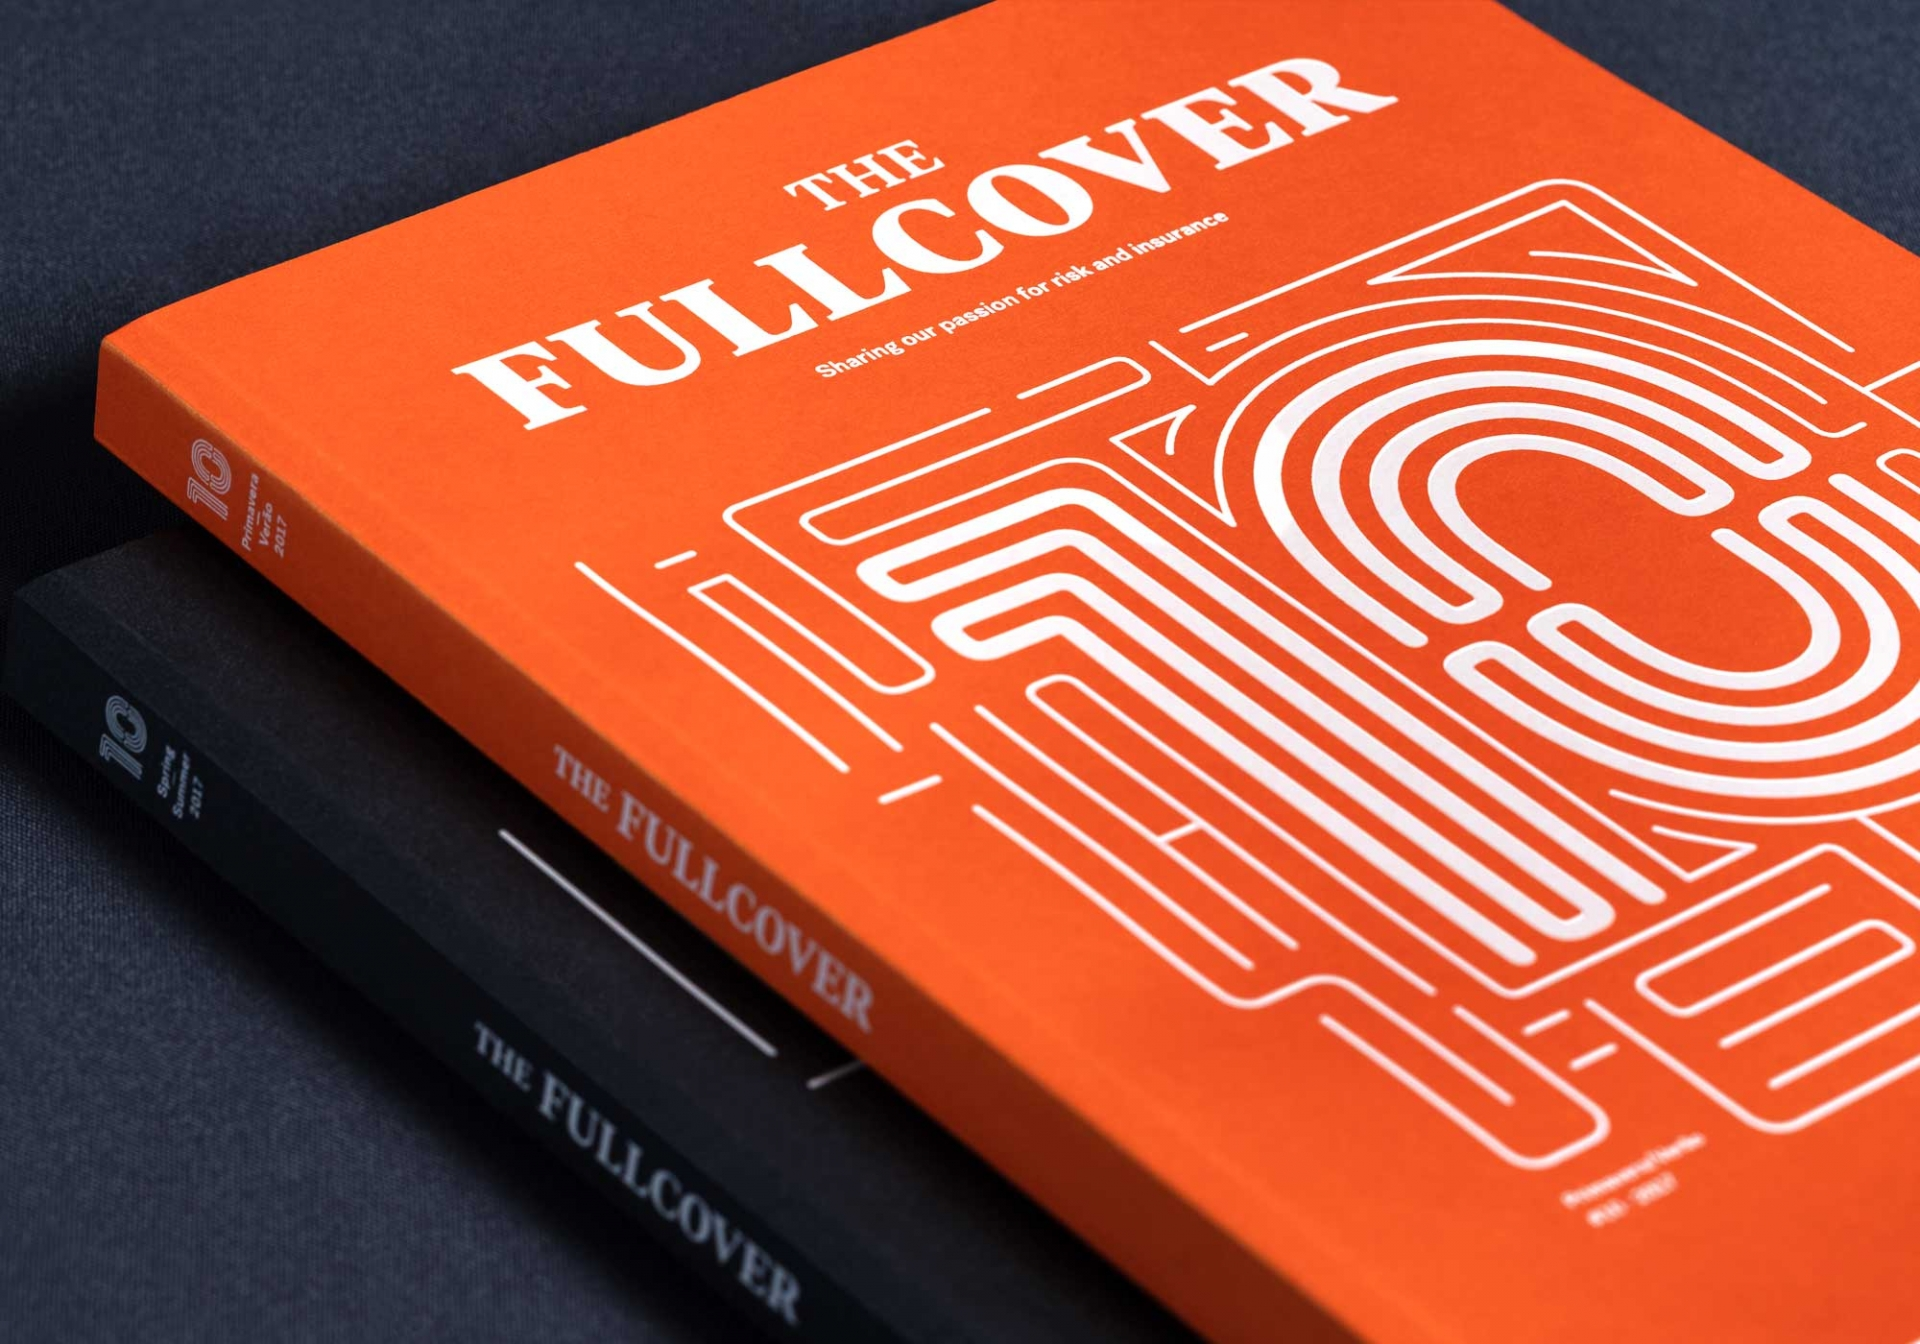 Fullcover Magazine Image:9 fc-site04